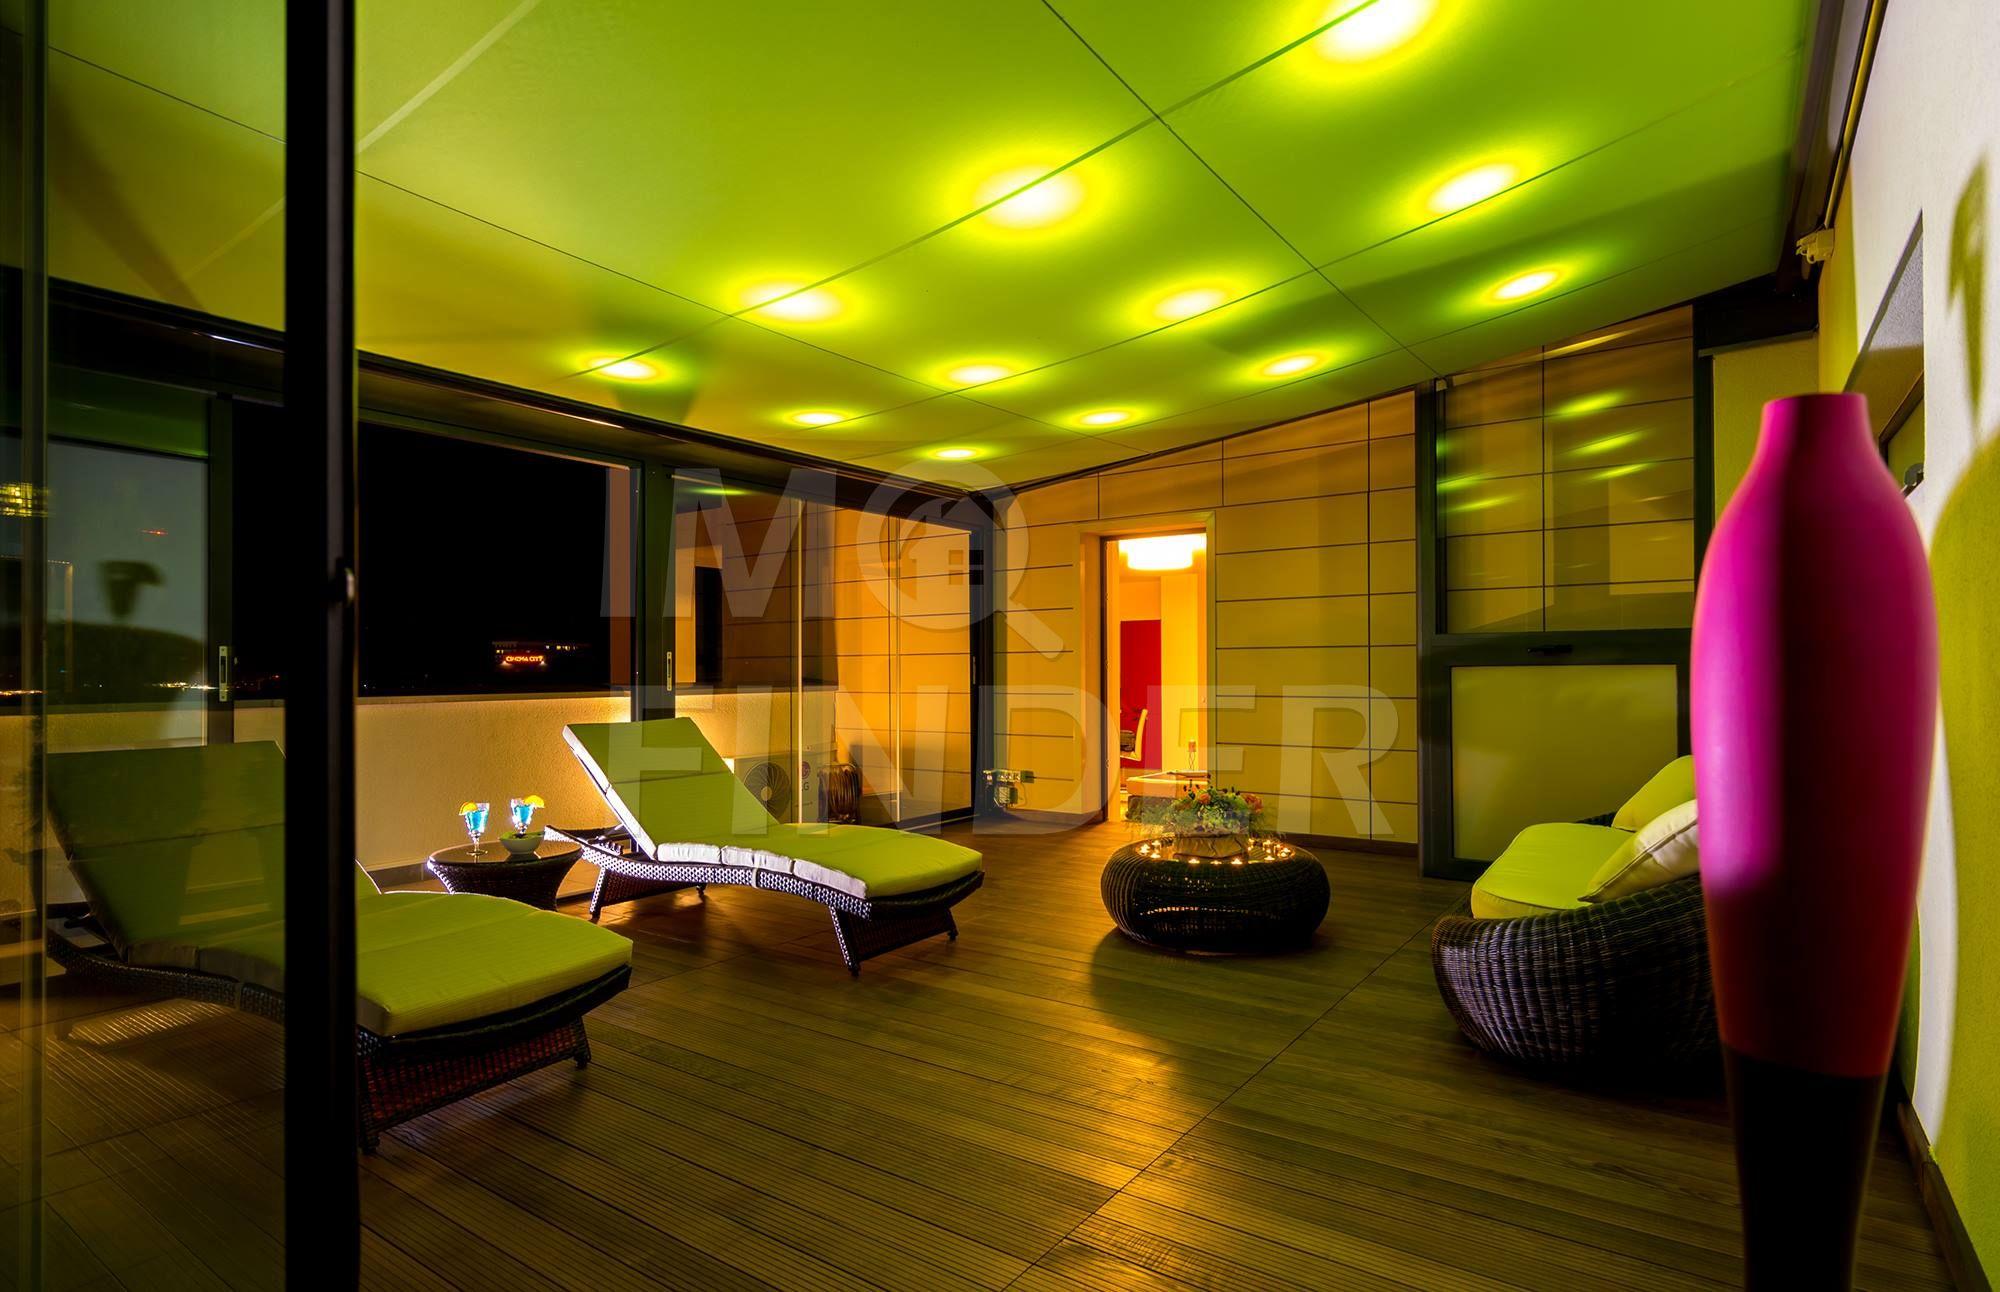 Inchiriere apartament Lux 3 camere, in Riviera, langa Iulius Mall